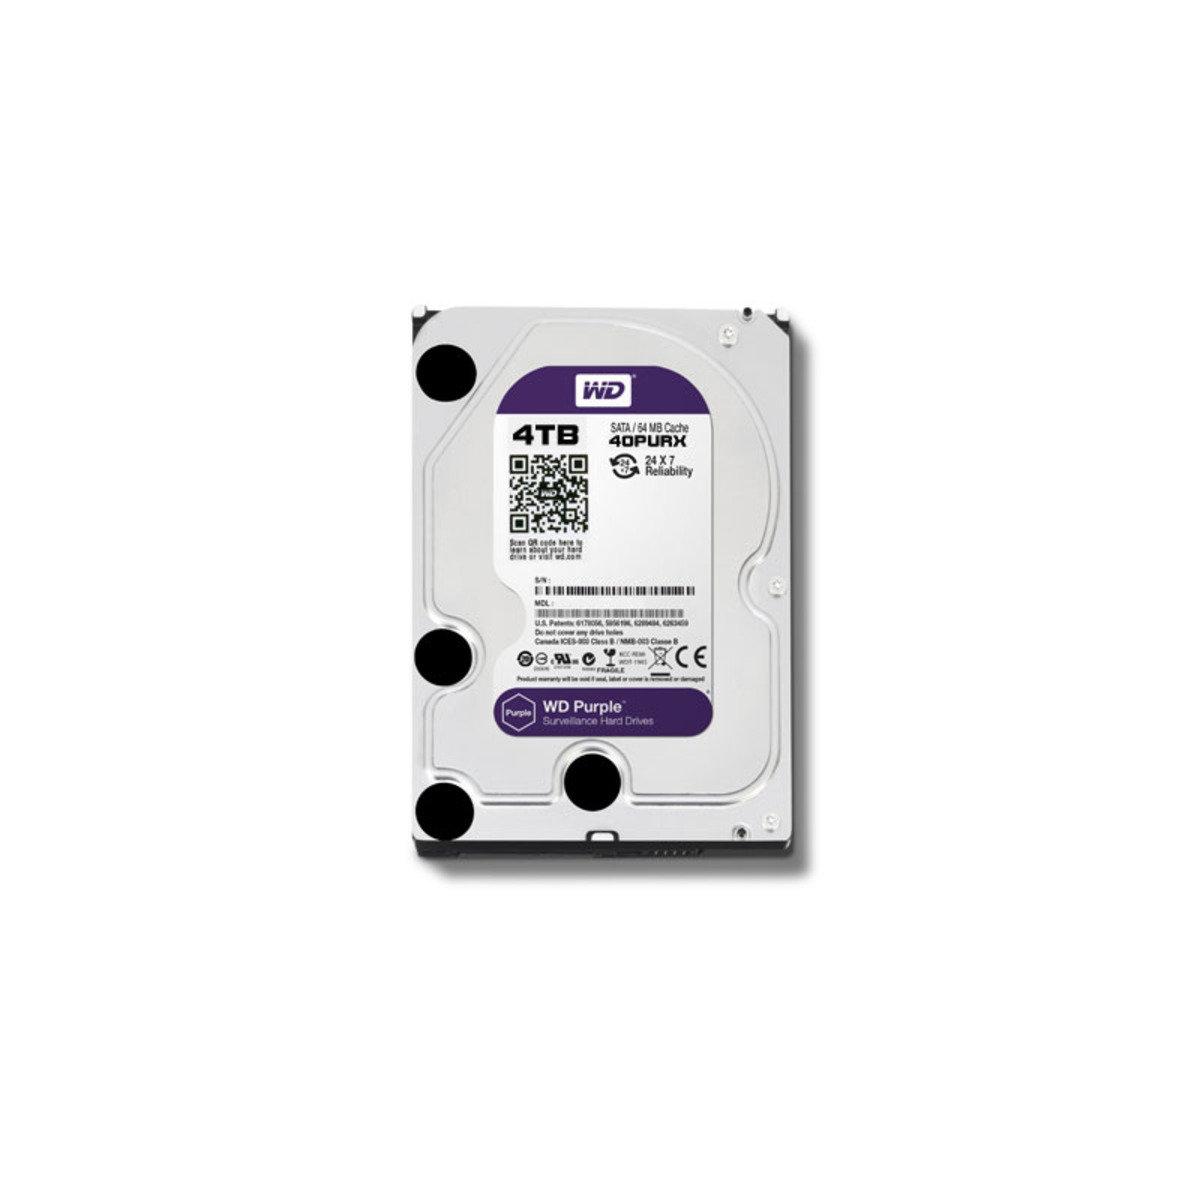 3.5 吋 錄影專用 4TB SATA 內置硬碟 40PURX